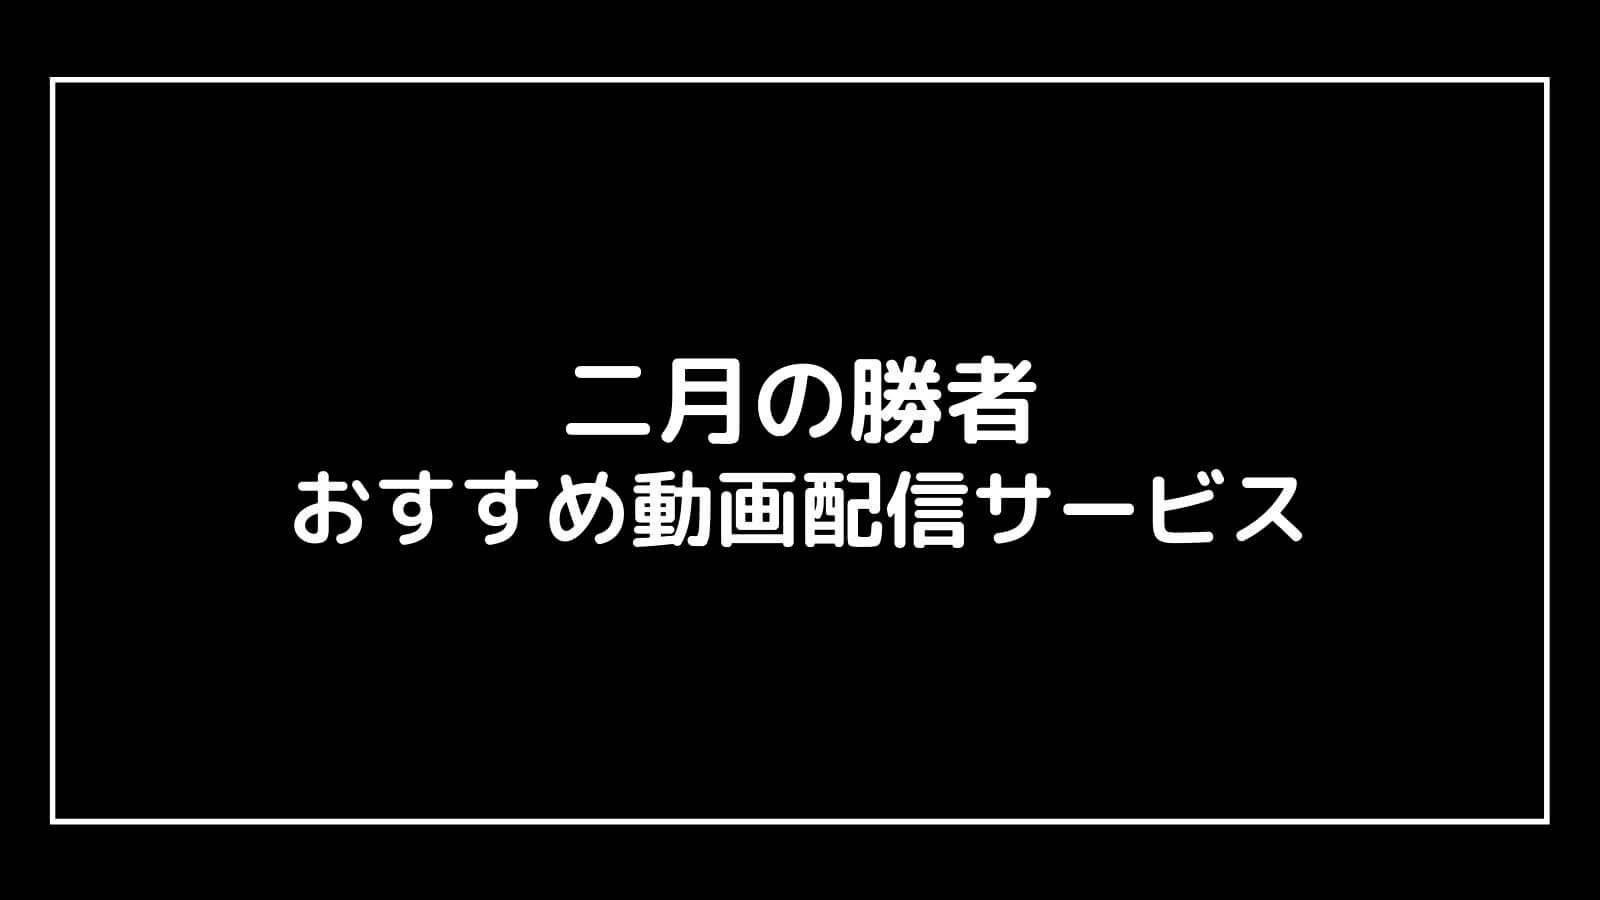 『二月の勝者』の見逃し配信を無料視聴できるおすすめ動画配信サイト